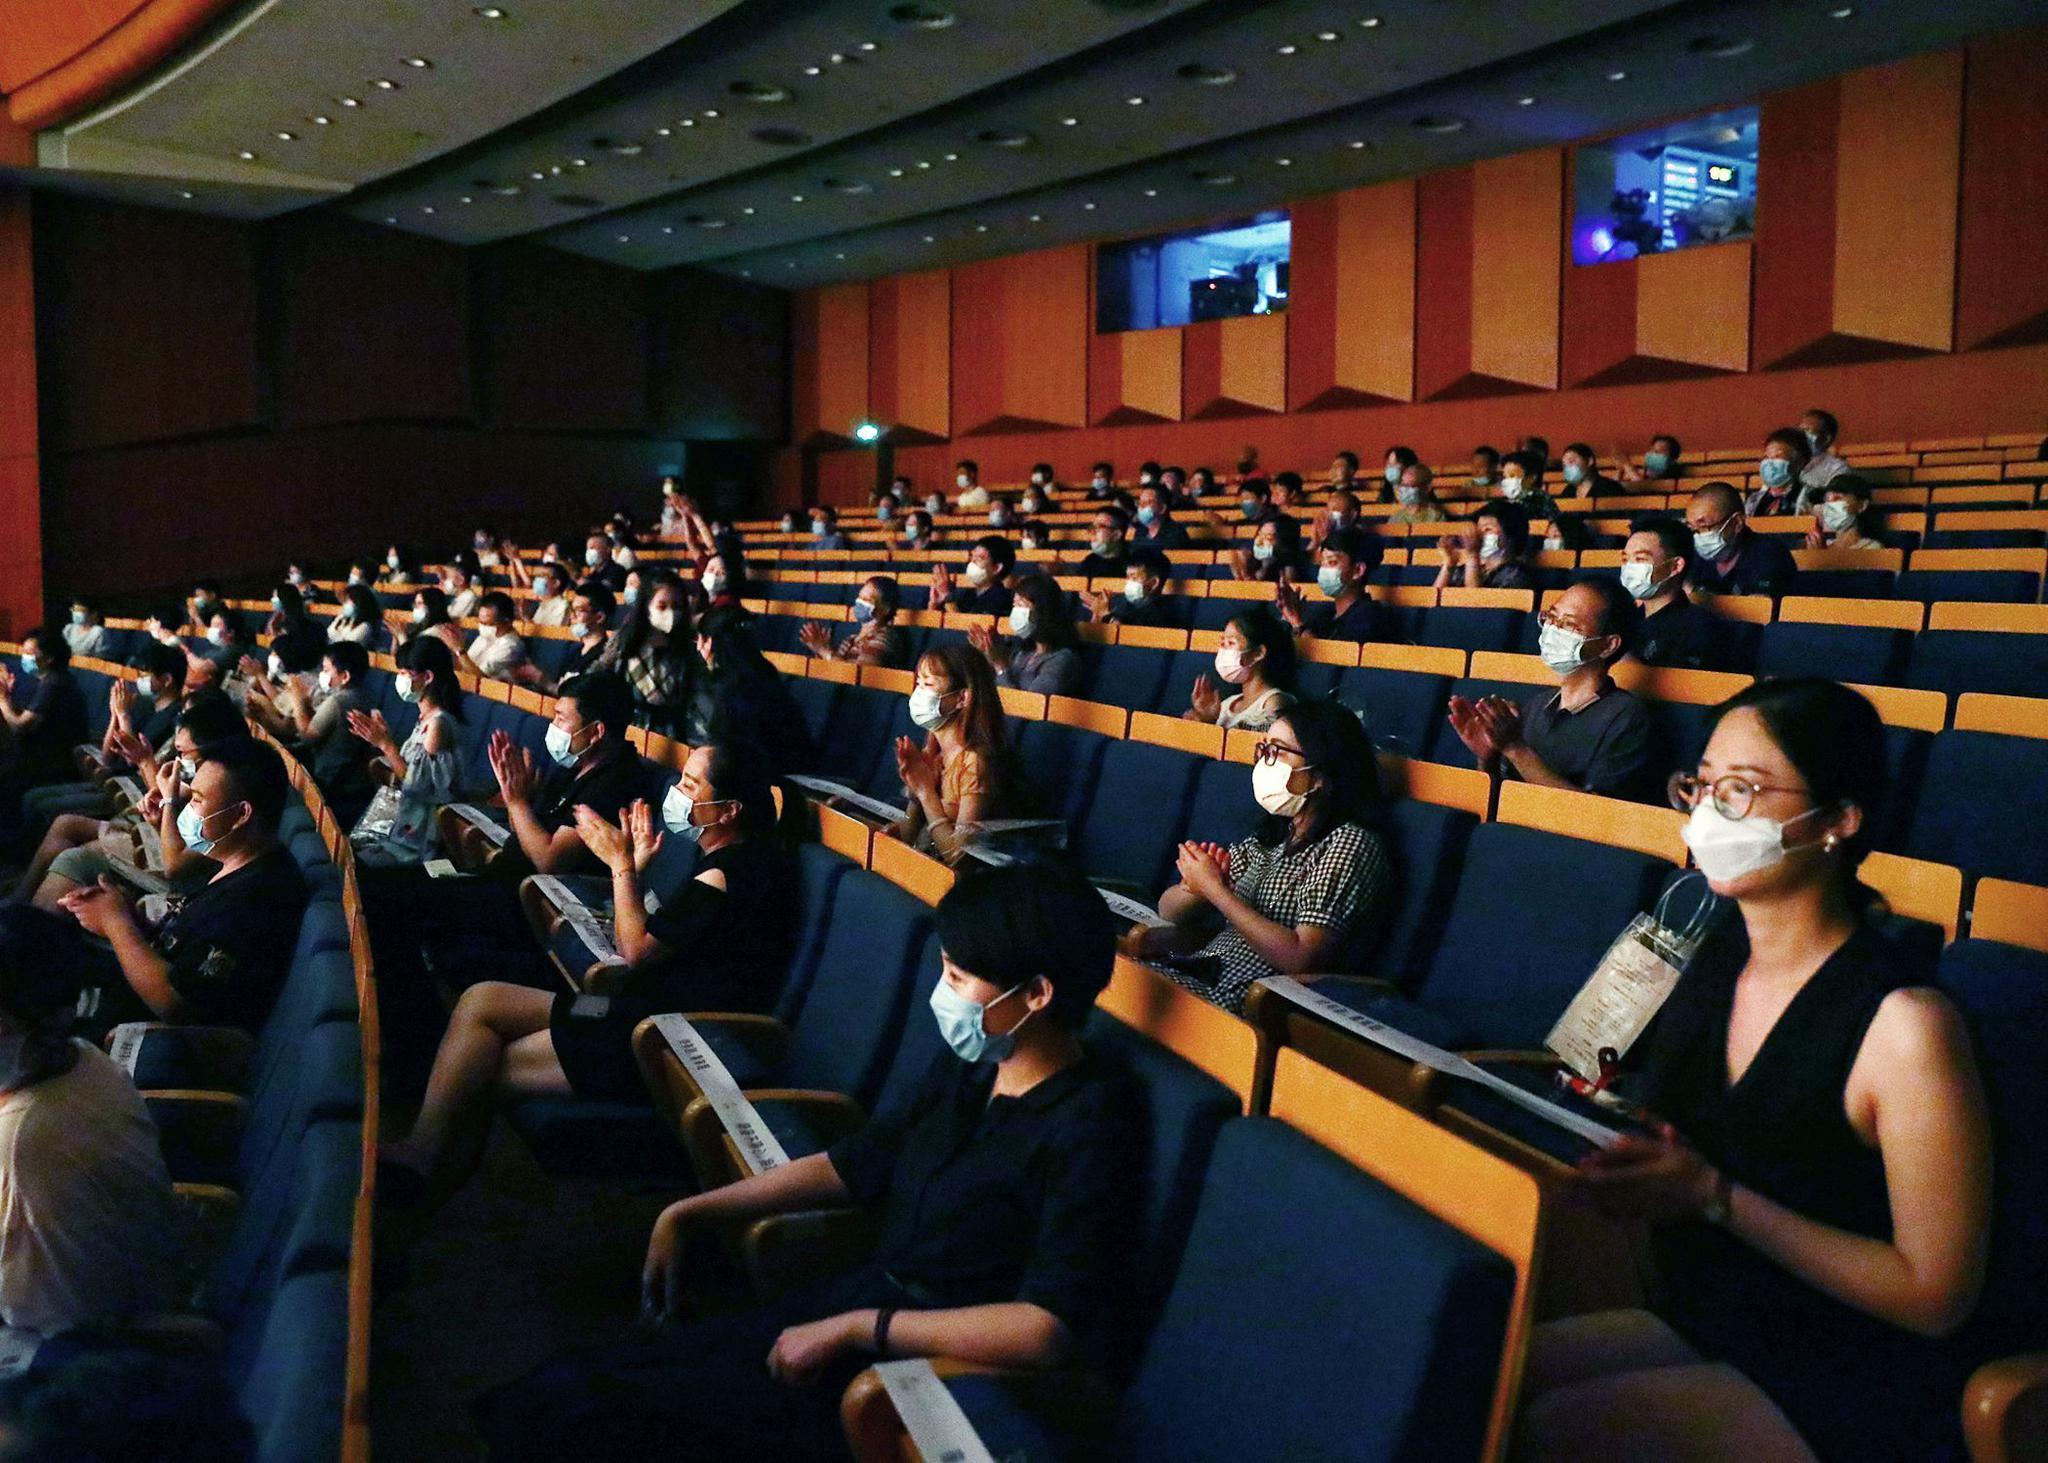 剧院上座率增至50% 已开票剧目将开通售出票换座